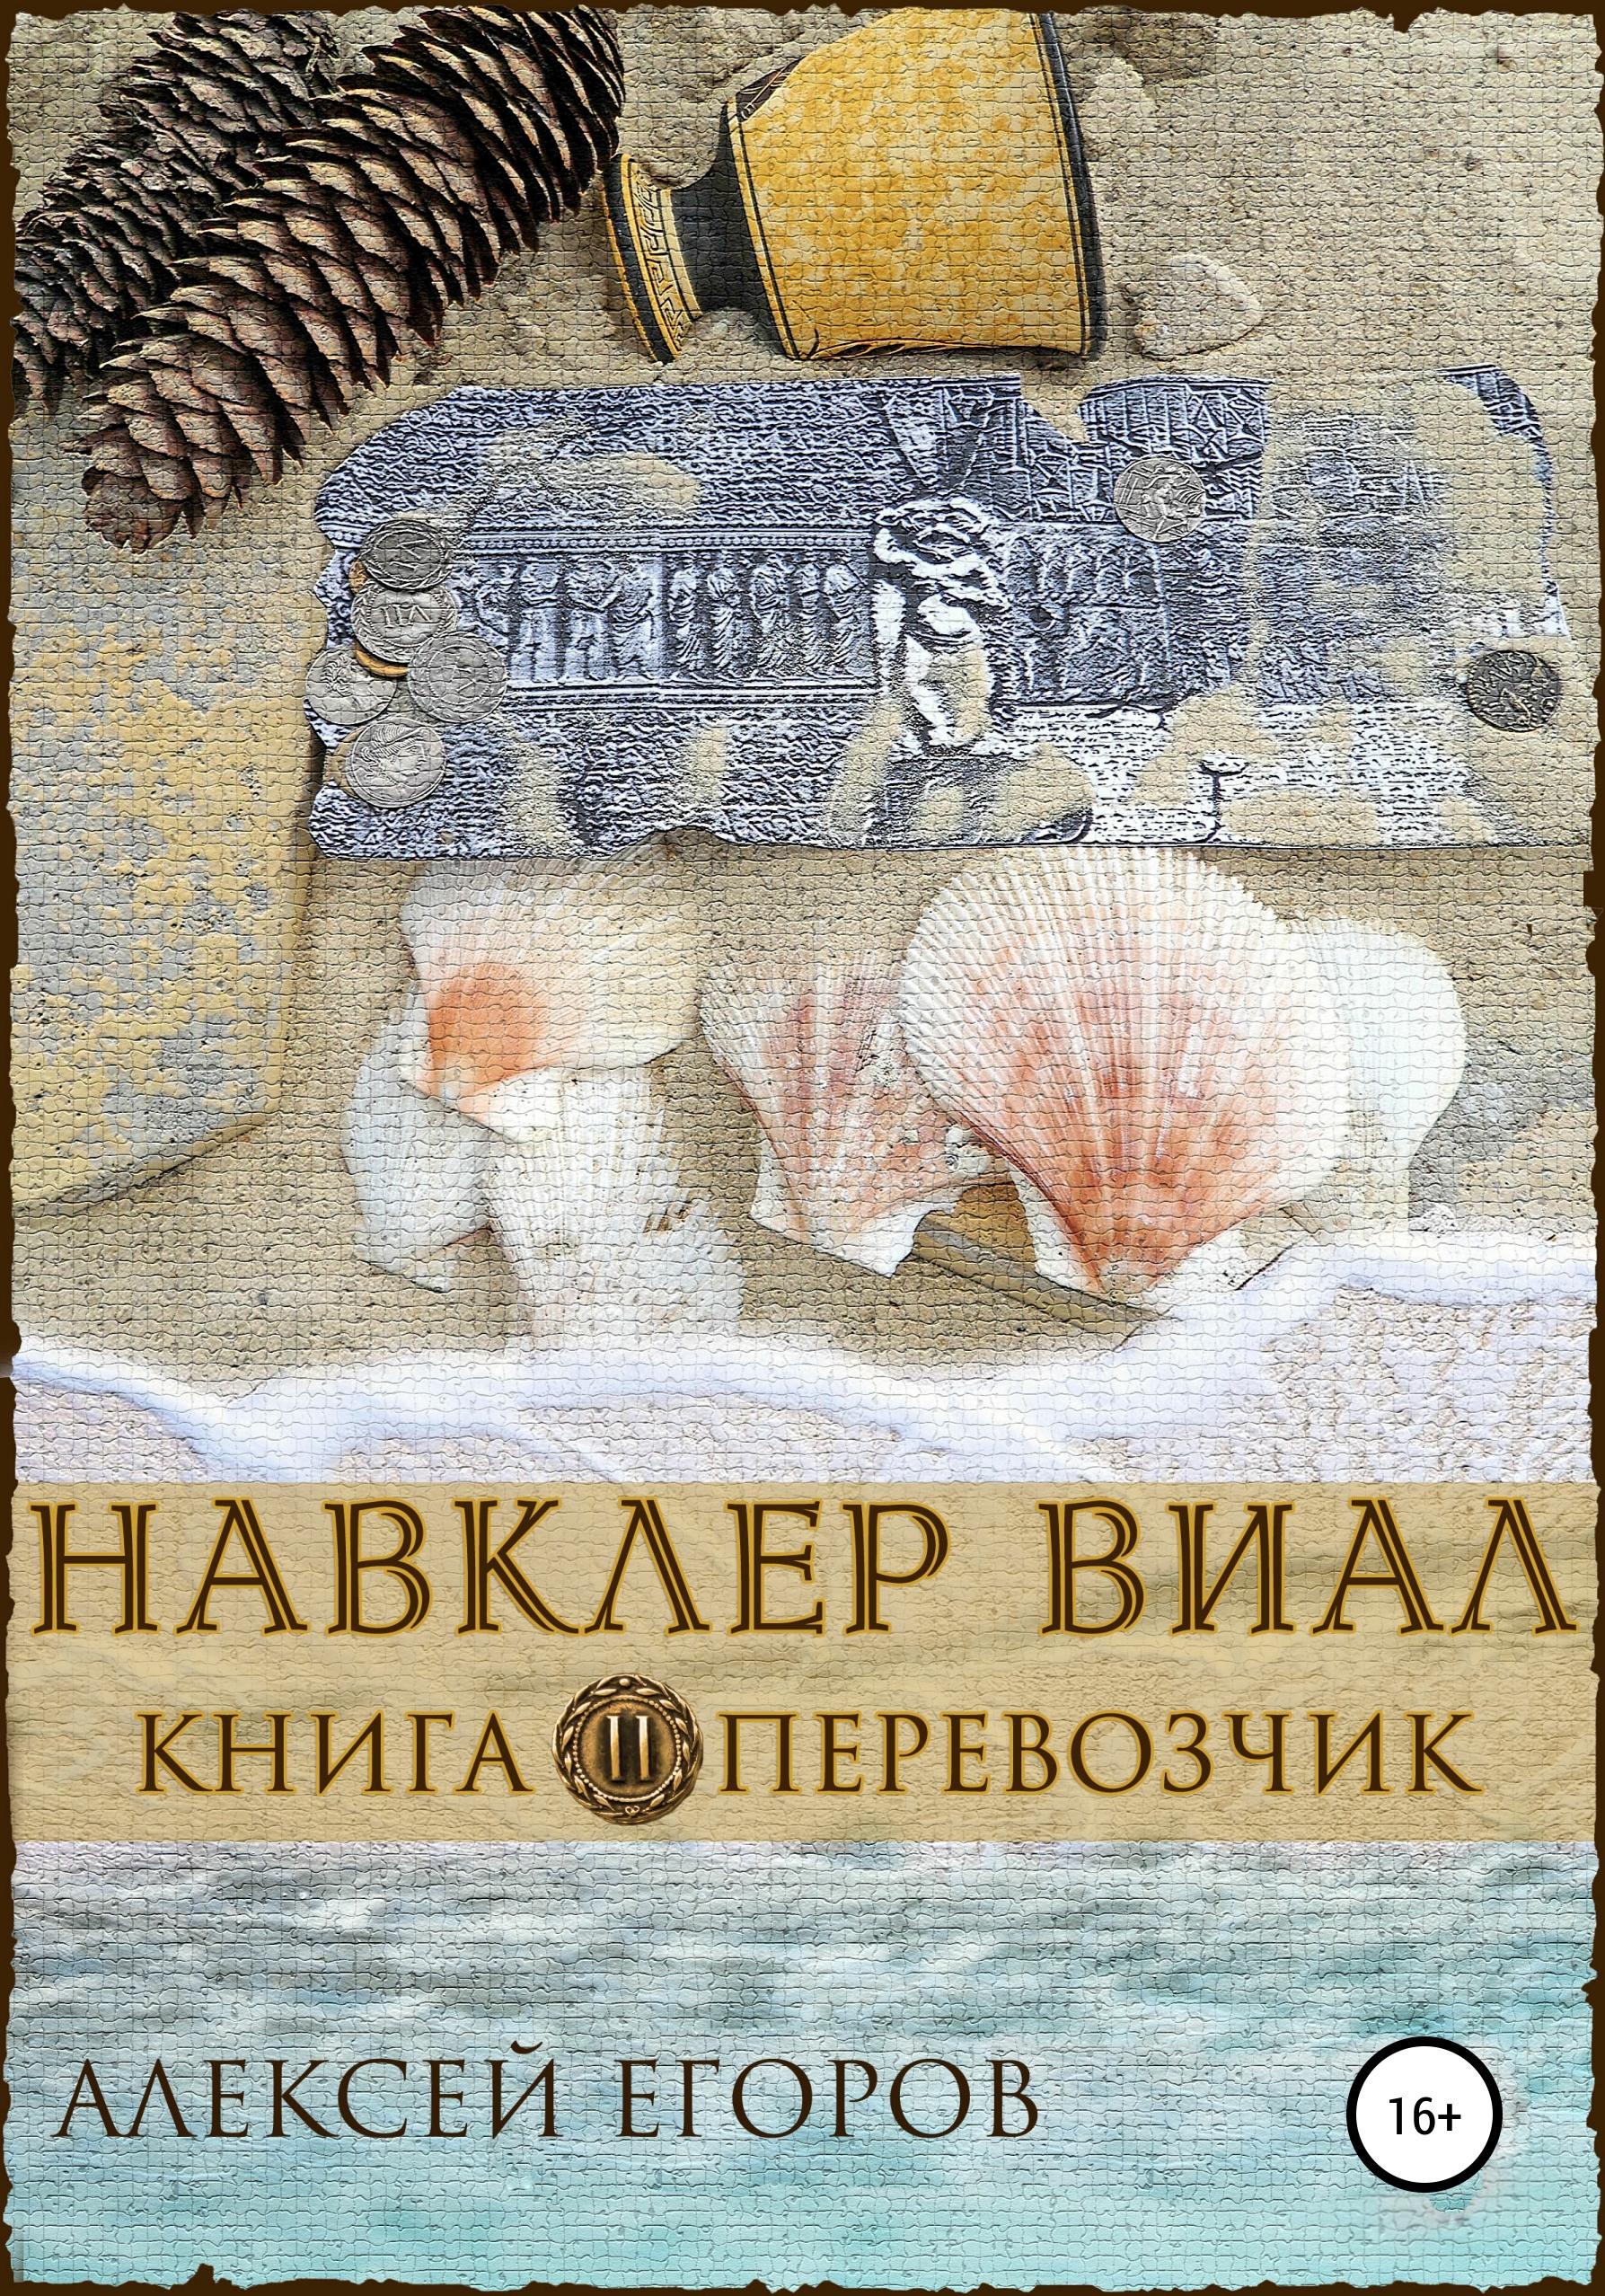 Купить книгу Навклер Виал. Книга 2. Перевозчик, автора Алексея Егорова